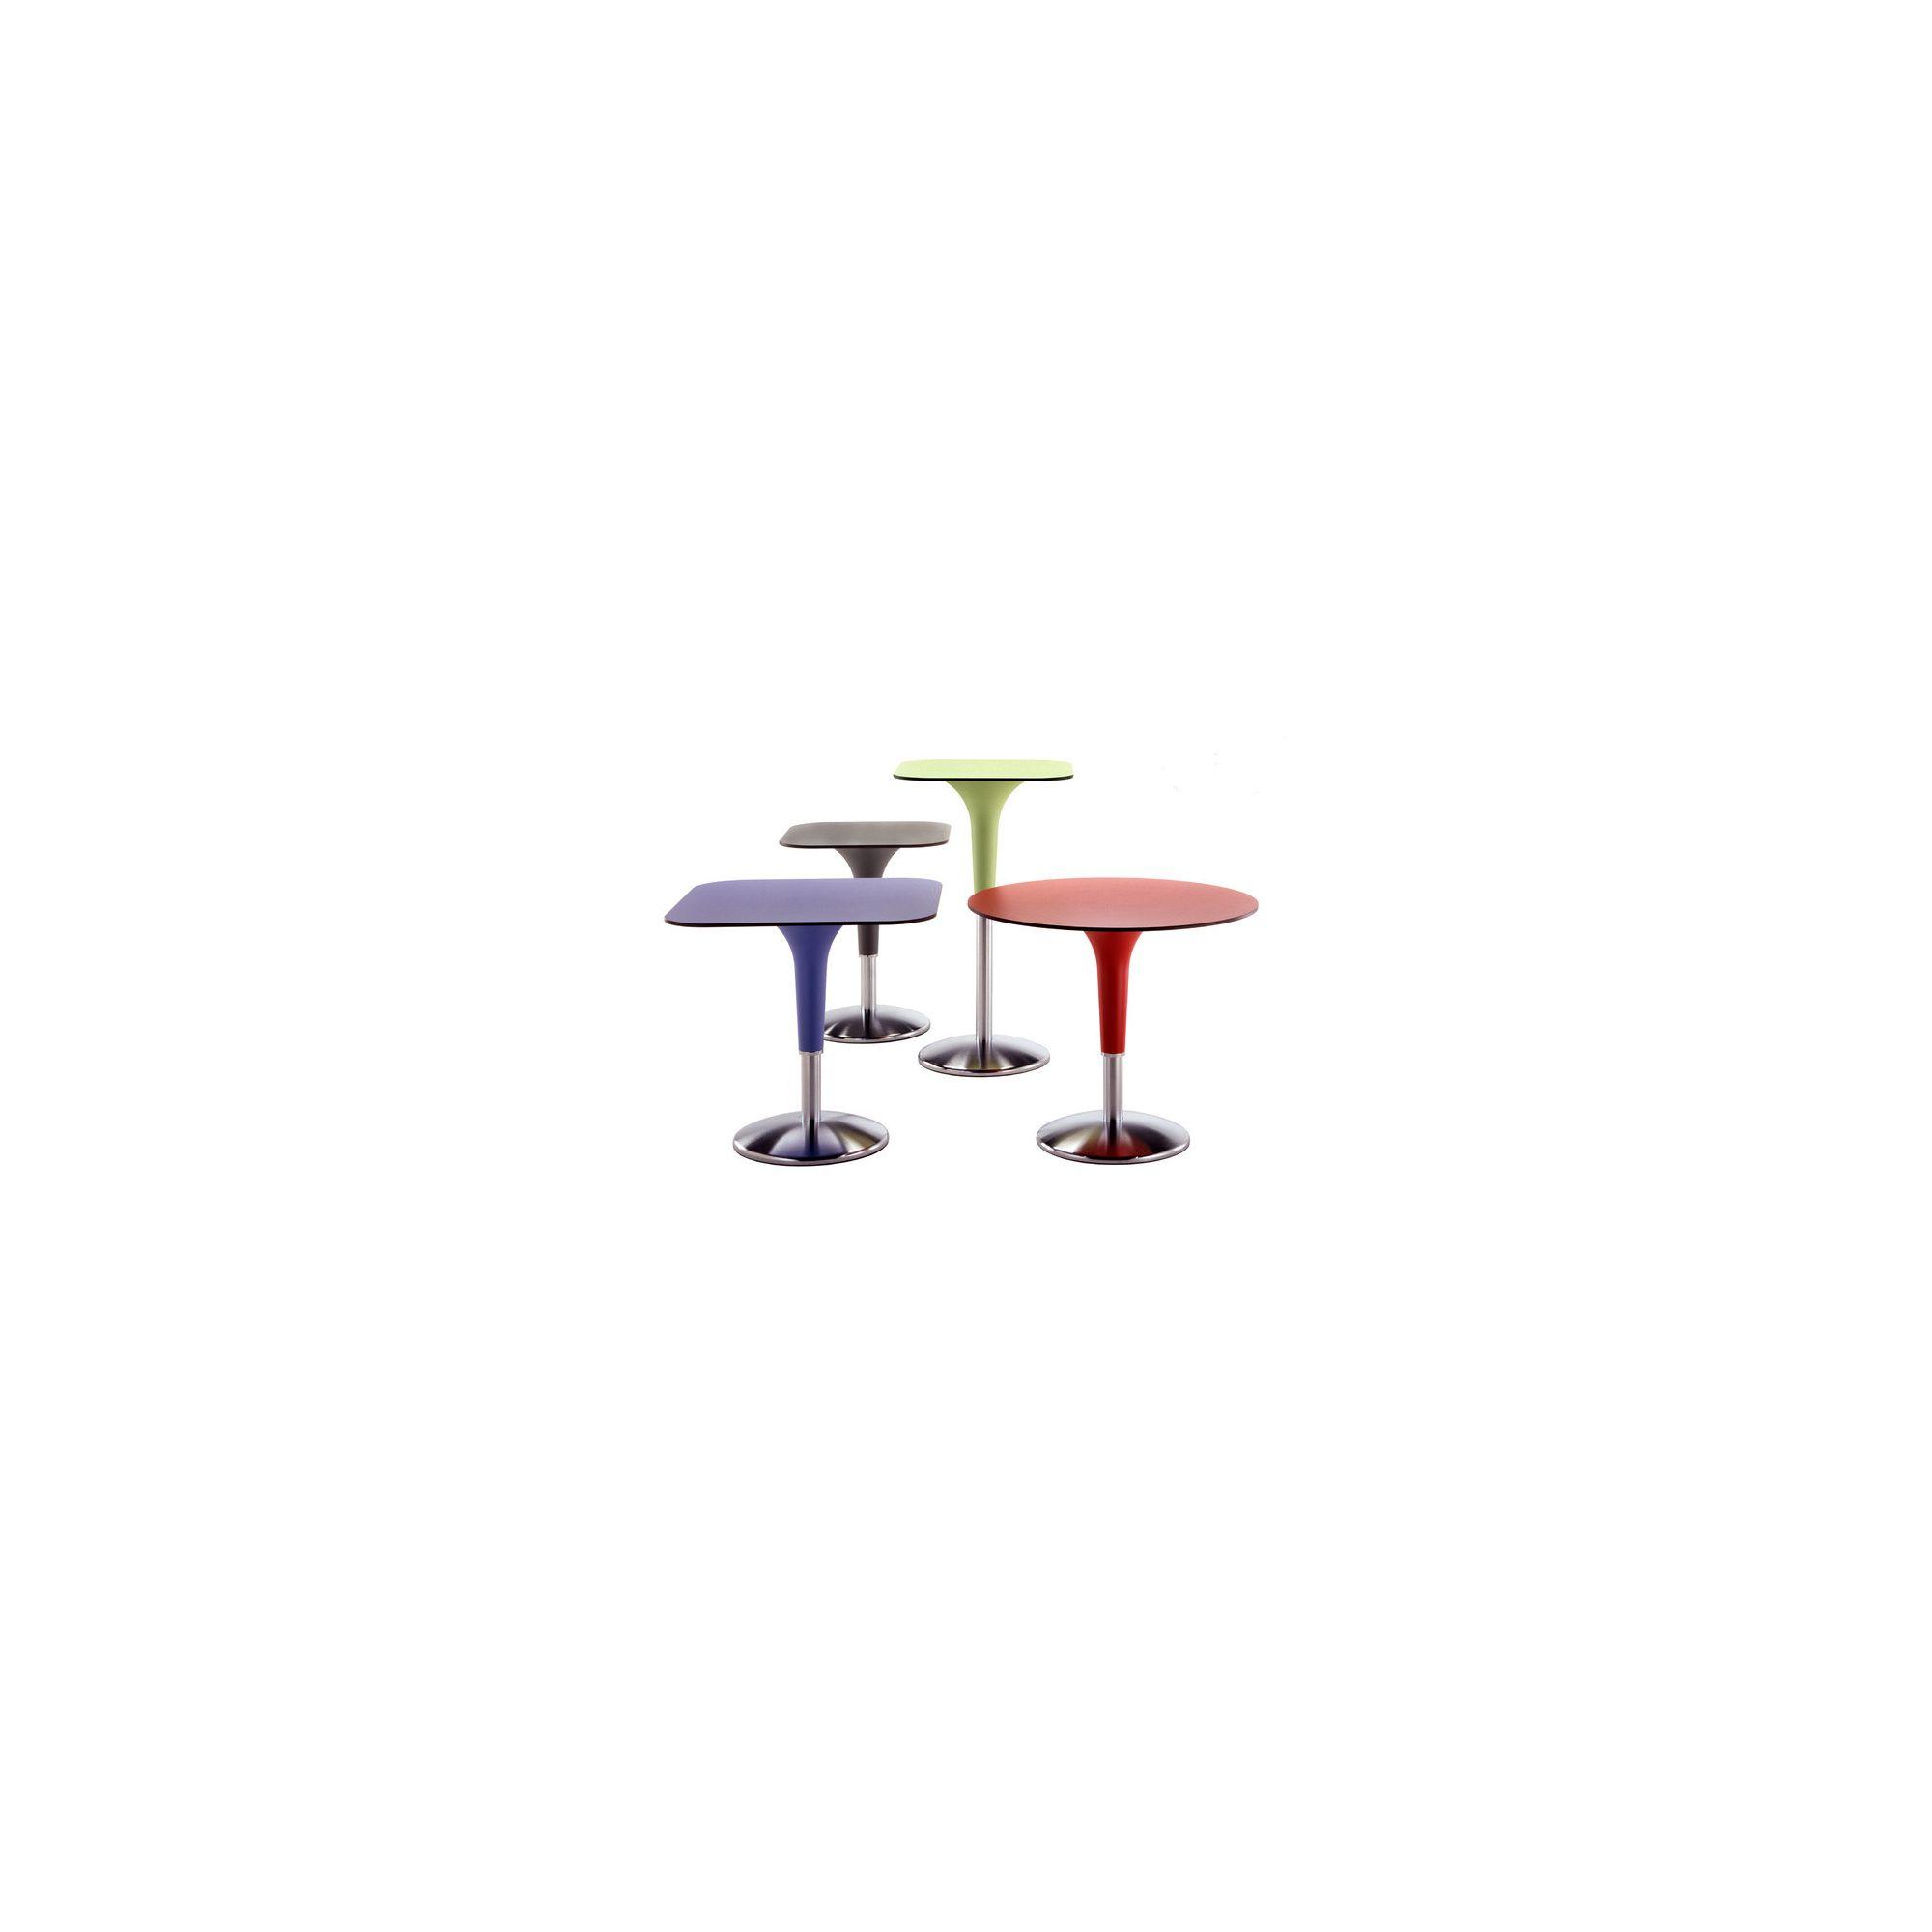 Rexite Zanziplano Round Table - 90cm x 105cm - White at Tesco Direct